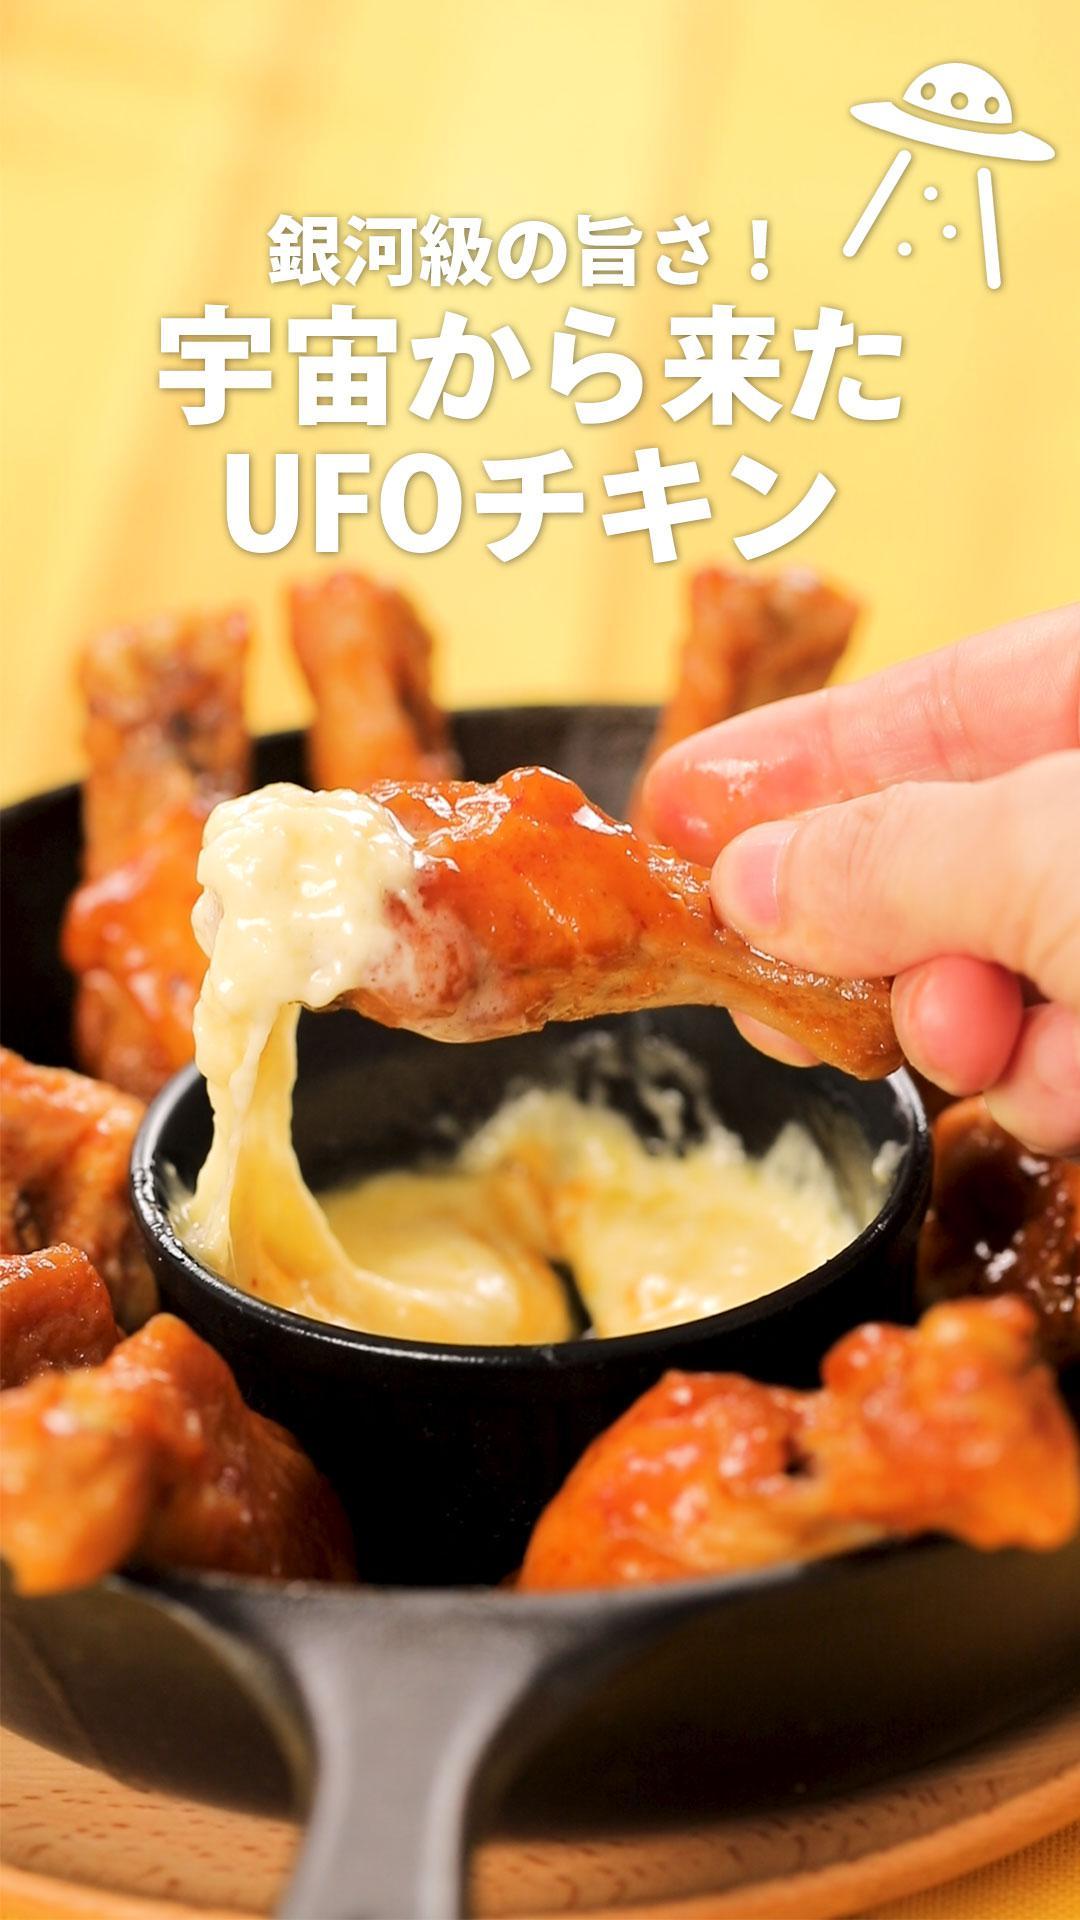 チキン 作り方 ufo